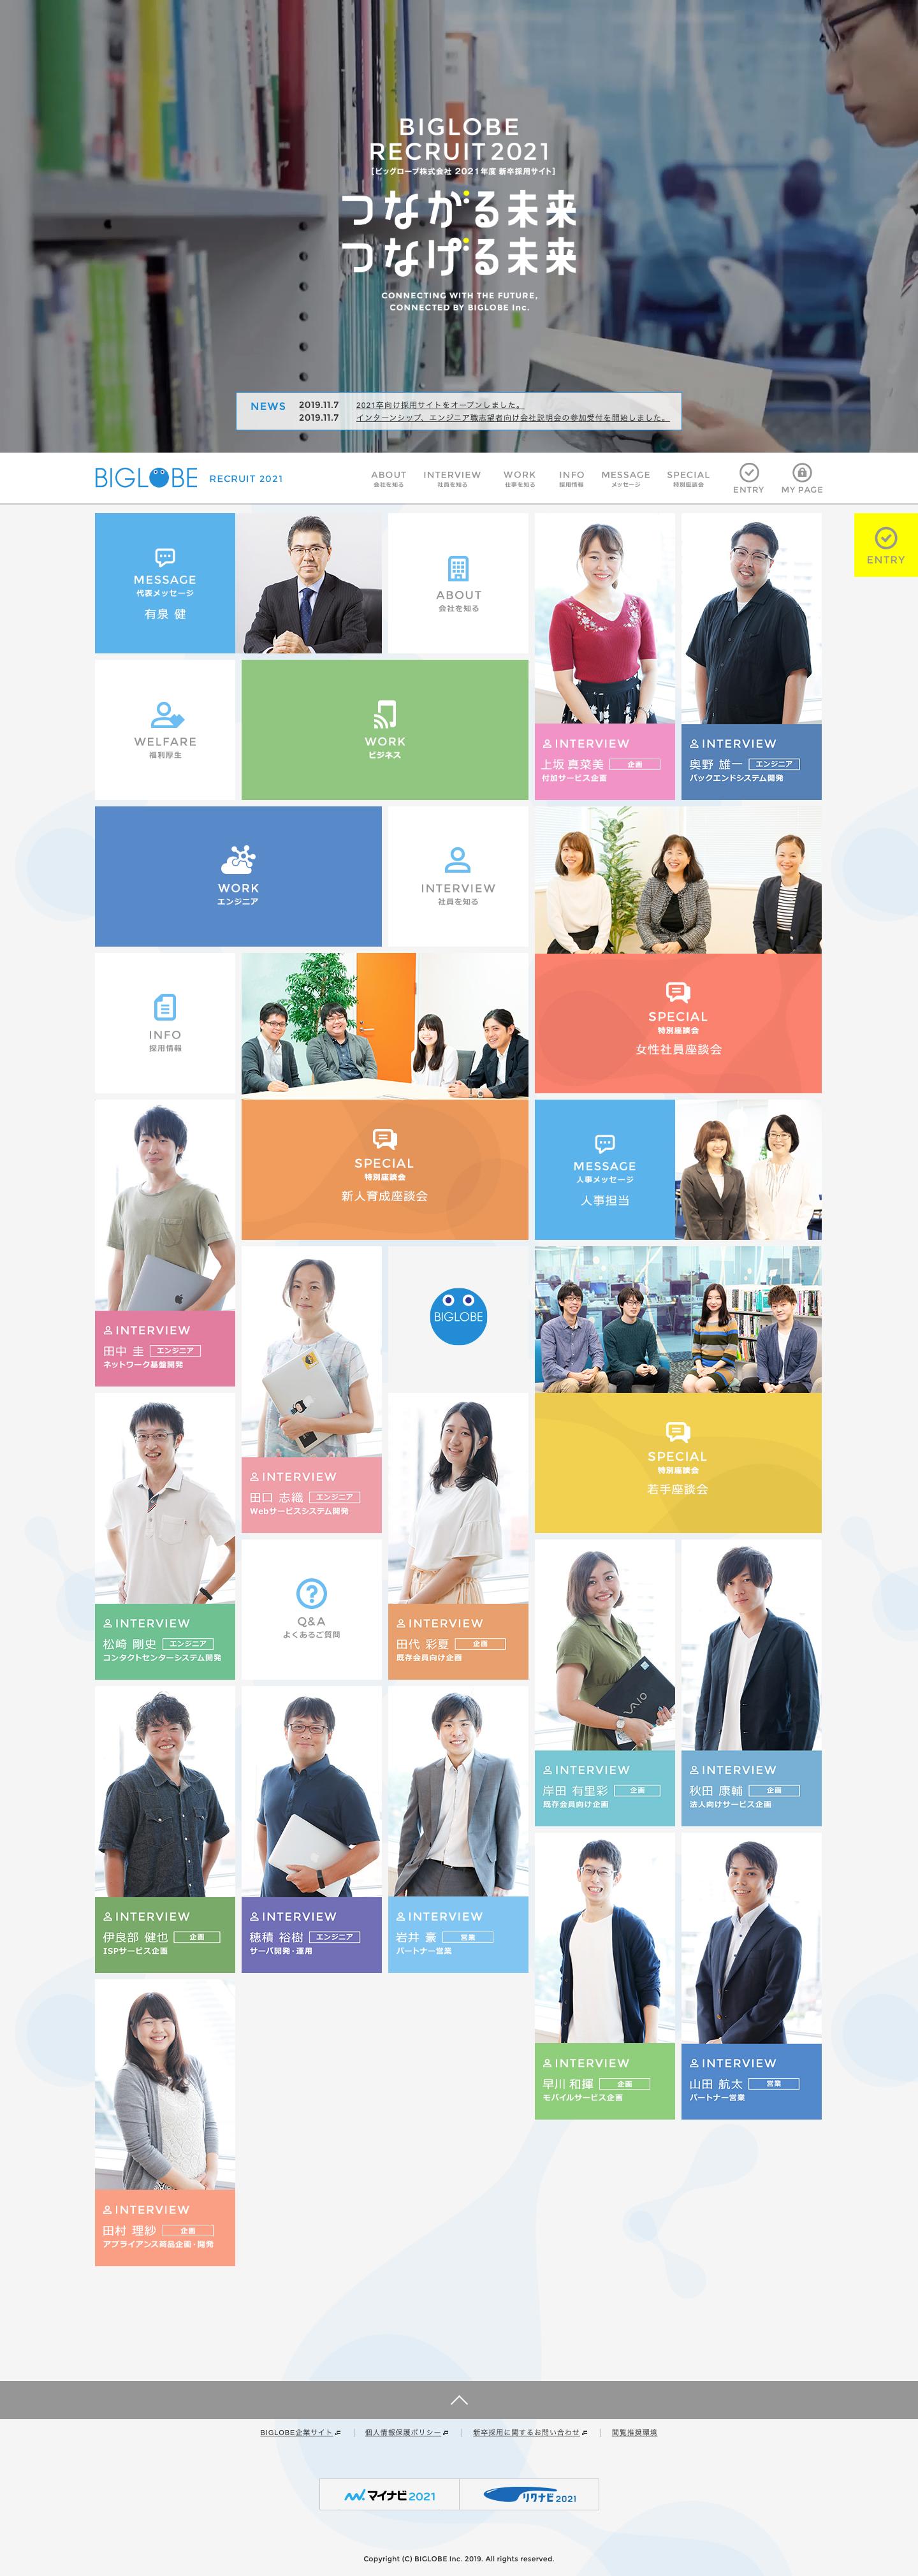 ビッグローブ株式会社 2021年度 新卒採用サイト 2020 ウェブデザイン ウェブデザインのレイアウト グラフィックデザインのレイアウト